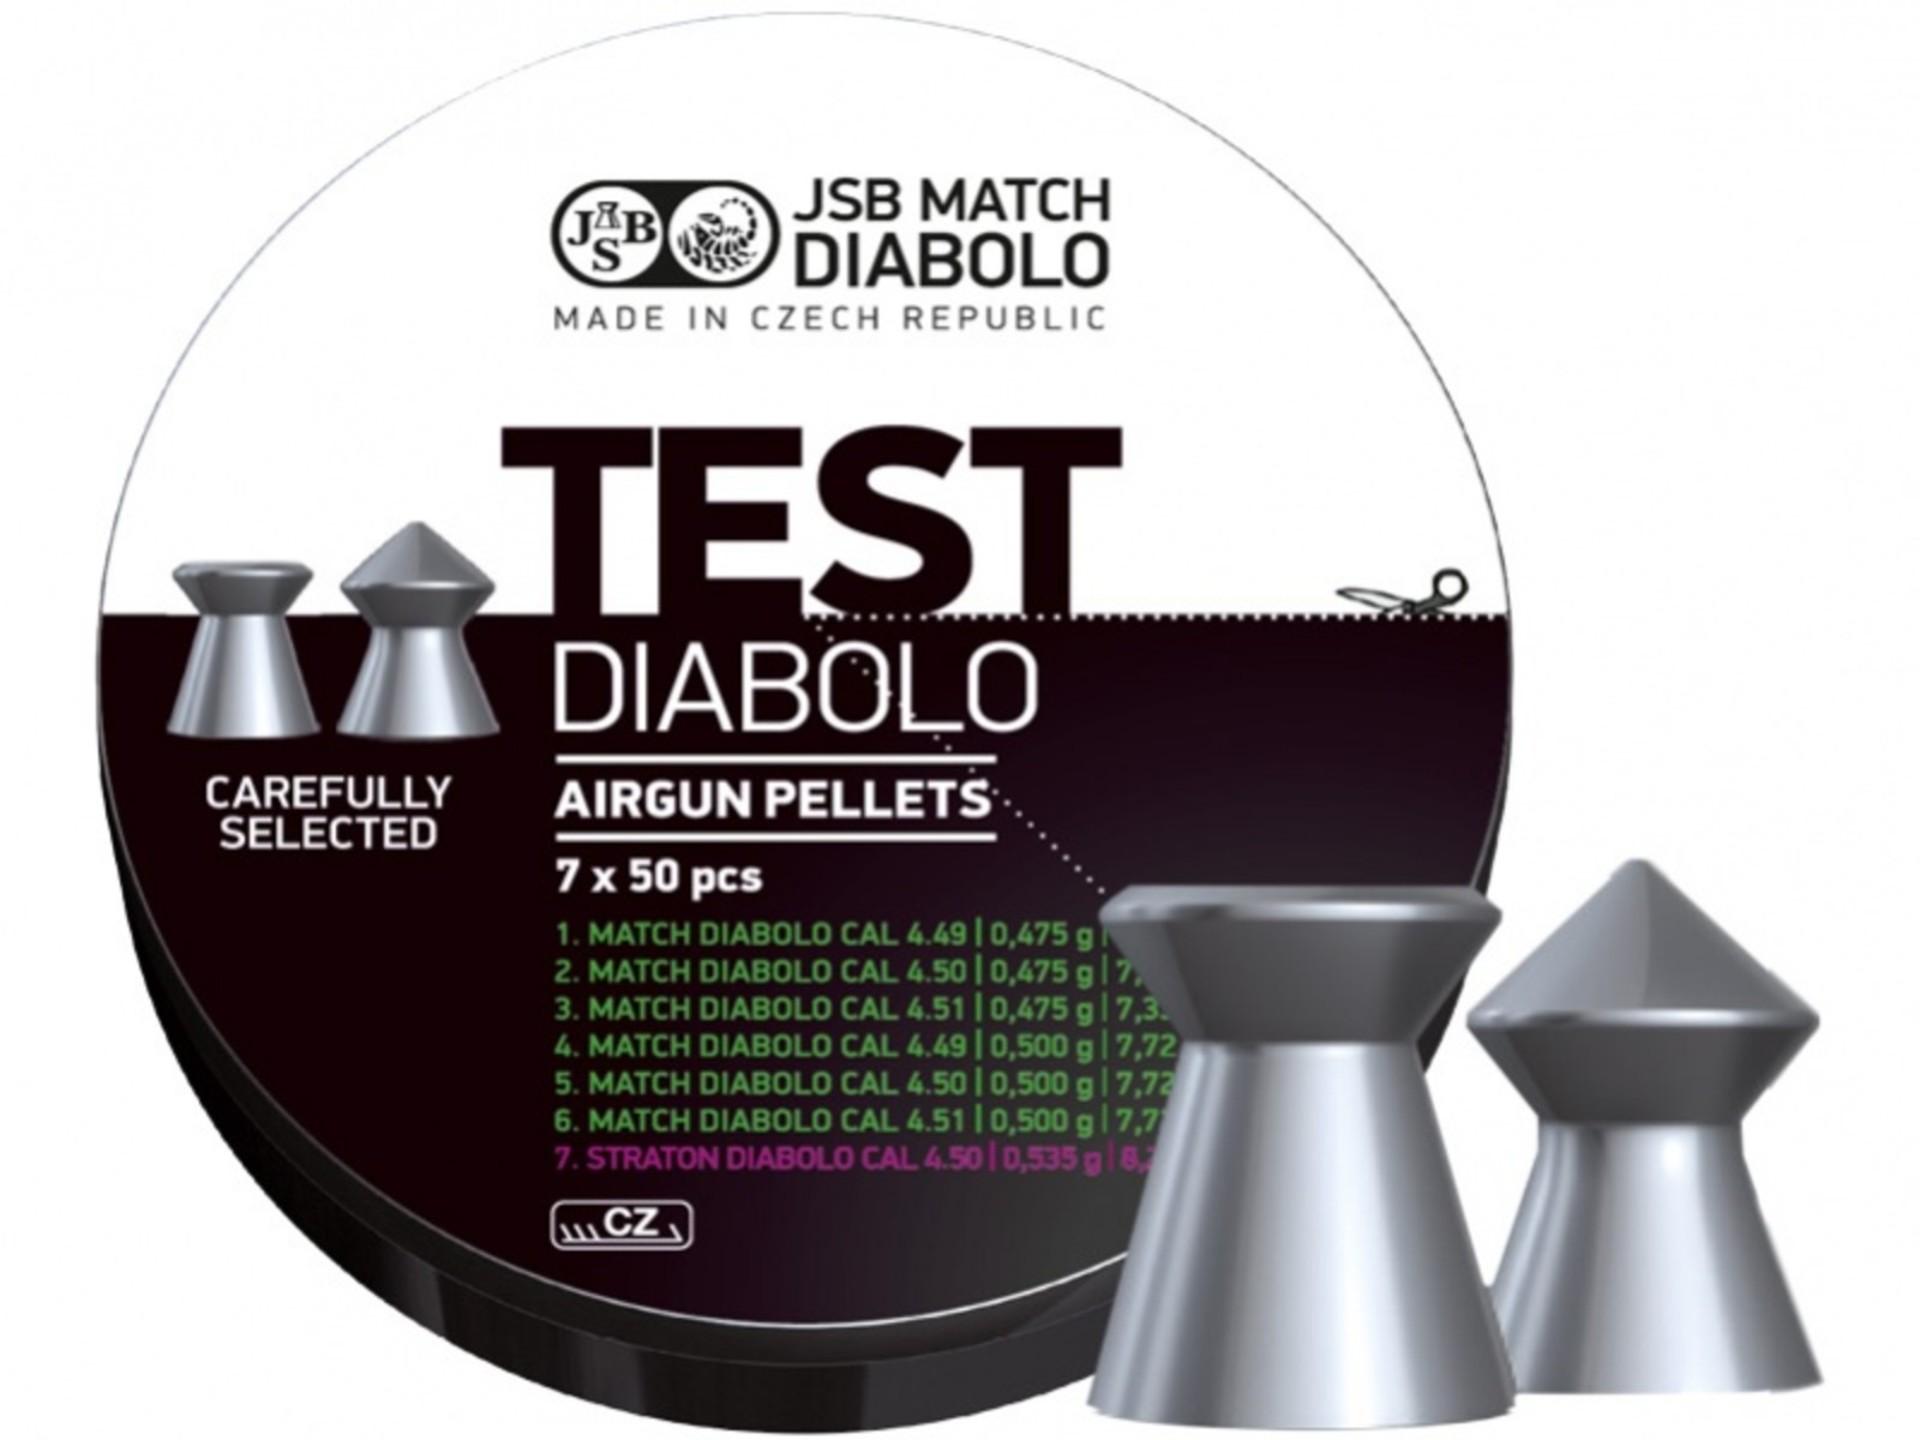 JSB MATCH DIABOLO A.S. Testovací sada diabolek Match JSB TEST 350 ks cal. 4,5 mm pro vzduchové pistole